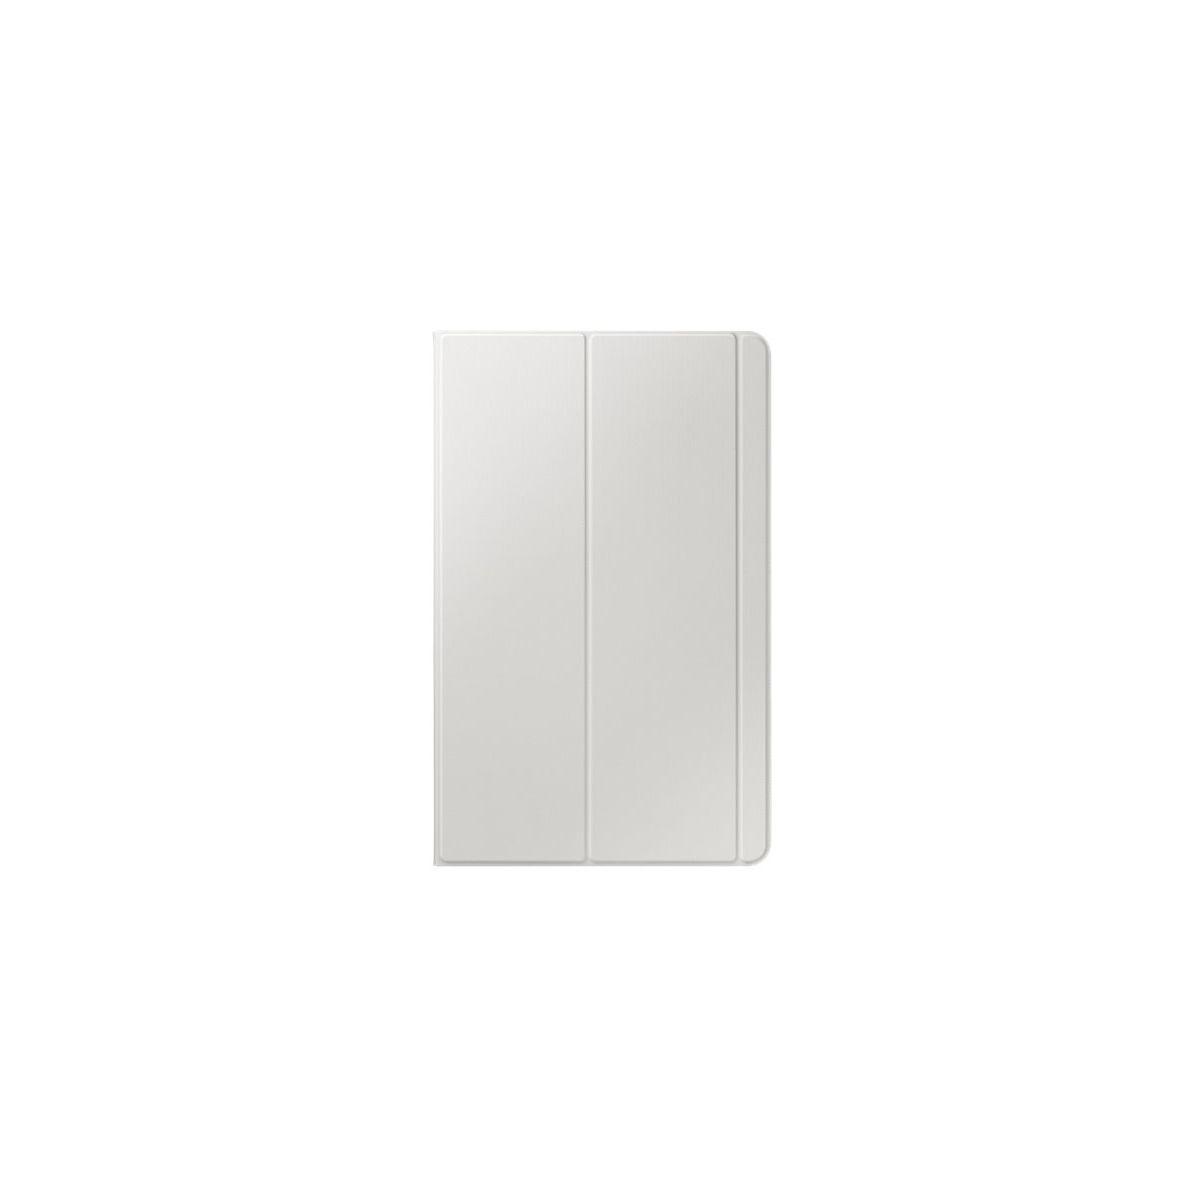 Etui tablette samsung tab a 10.5 gris (2018) - livraison offerte : code premium (photo)